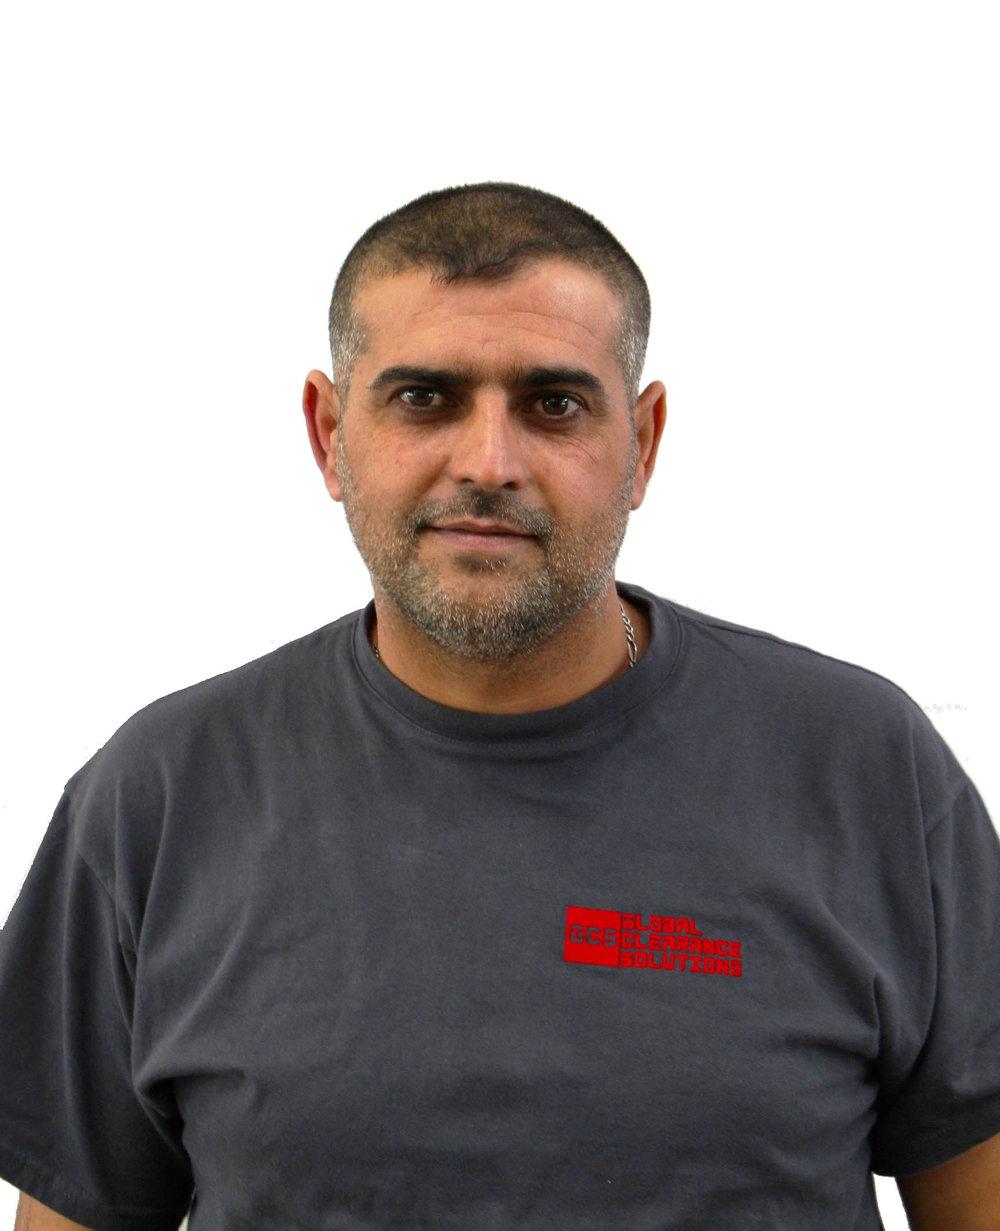 """Hassan Ayoub, Field Technician           96              Normal   0       21       false   false   false     DE   X-NONE   X-NONE                                                                                                                                                                                                                                                                                                                                                                                                                                                                                                                                                                                                                                                                                                                                                                                                                                                                                     /* Style Definitions */ table.MsoNormalTable {mso-style-name:""""Normale Tabelle""""; mso-tstyle-rowband-size:0; mso-tstyle-colband-size:0; mso-style-noshow:yes; mso-style-priority:99; mso-style-parent:""""""""; mso-padding-alt:0cm 5.4pt 0cm 5.4pt; mso-para-margin:0cm; mso-para-margin-bottom:.0001pt; mso-pagination:widow-orphan; font-size:12.0pt; font-family:Calibri; mso-ascii-font-family:Calibri; mso-ascii-theme-font:minor-latin; mso-hansi-font-family:Calibri; mso-hansi-theme-font:minor-latin; mso-fareast-language:EN-US;}"""